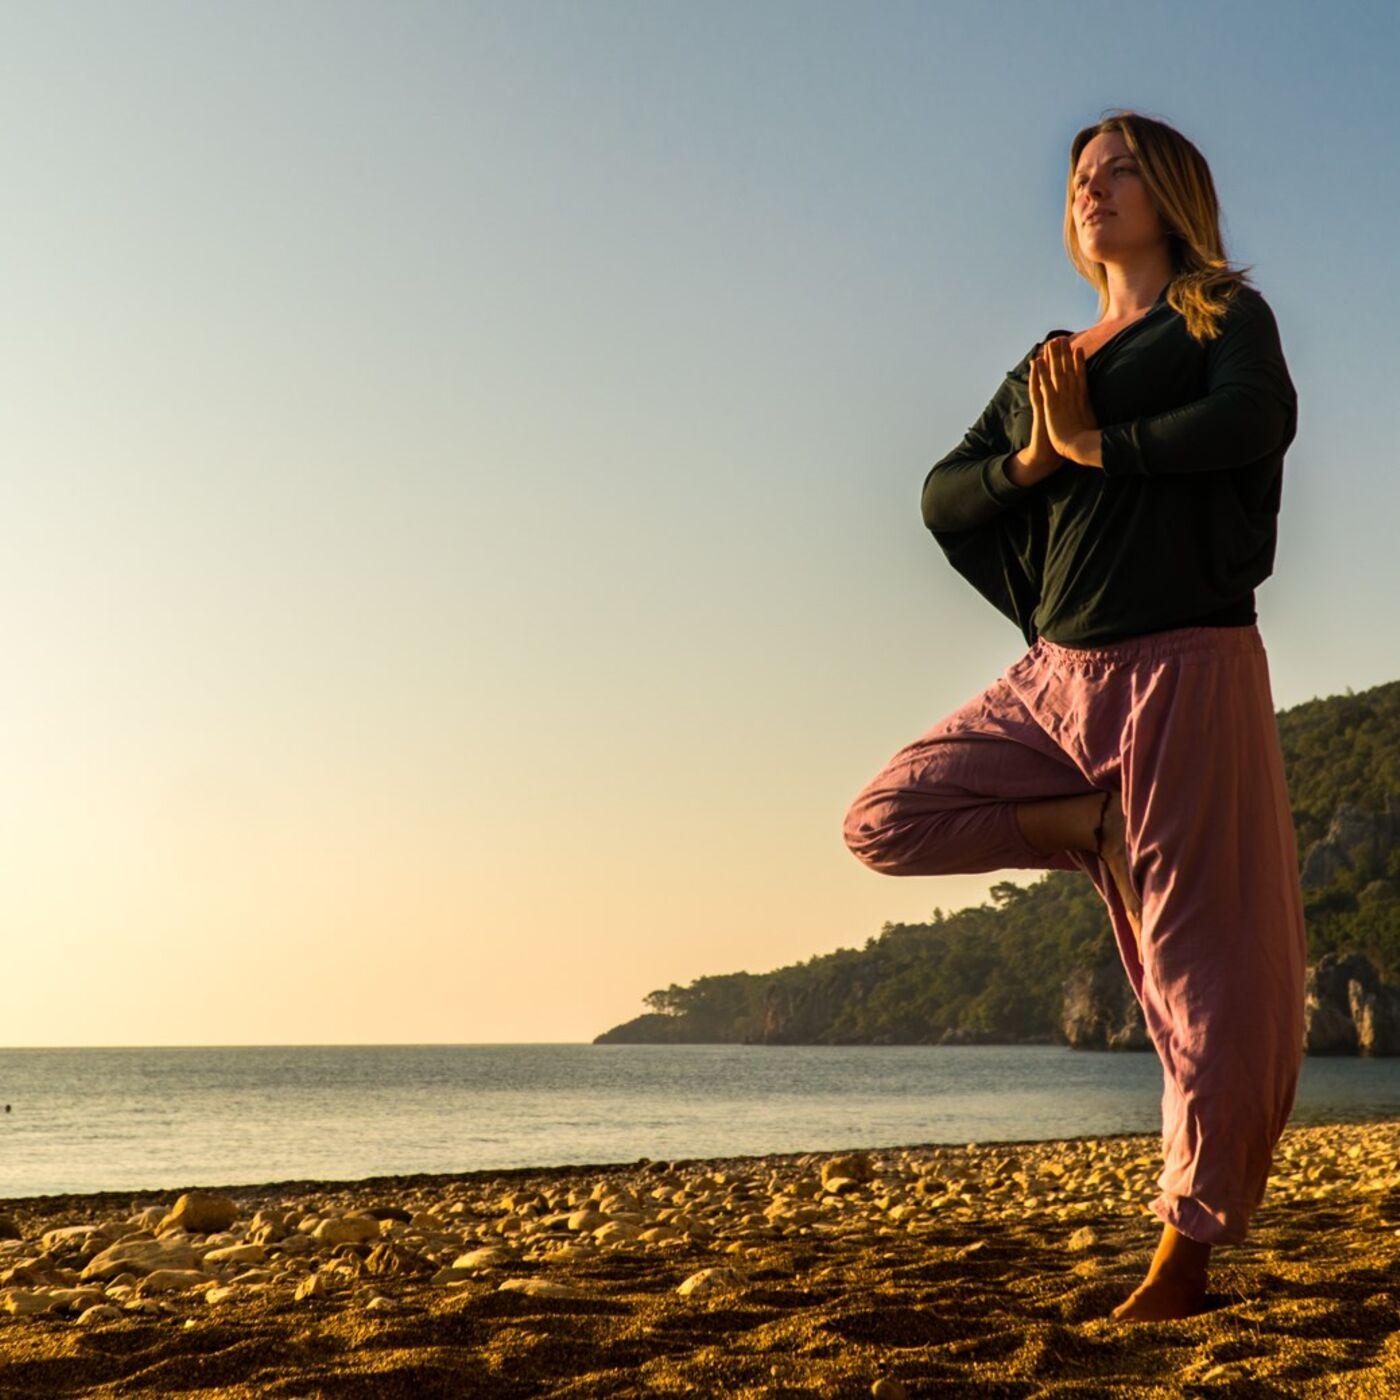 Saskia Layden Kaya: Teacher of Yoga, and Love